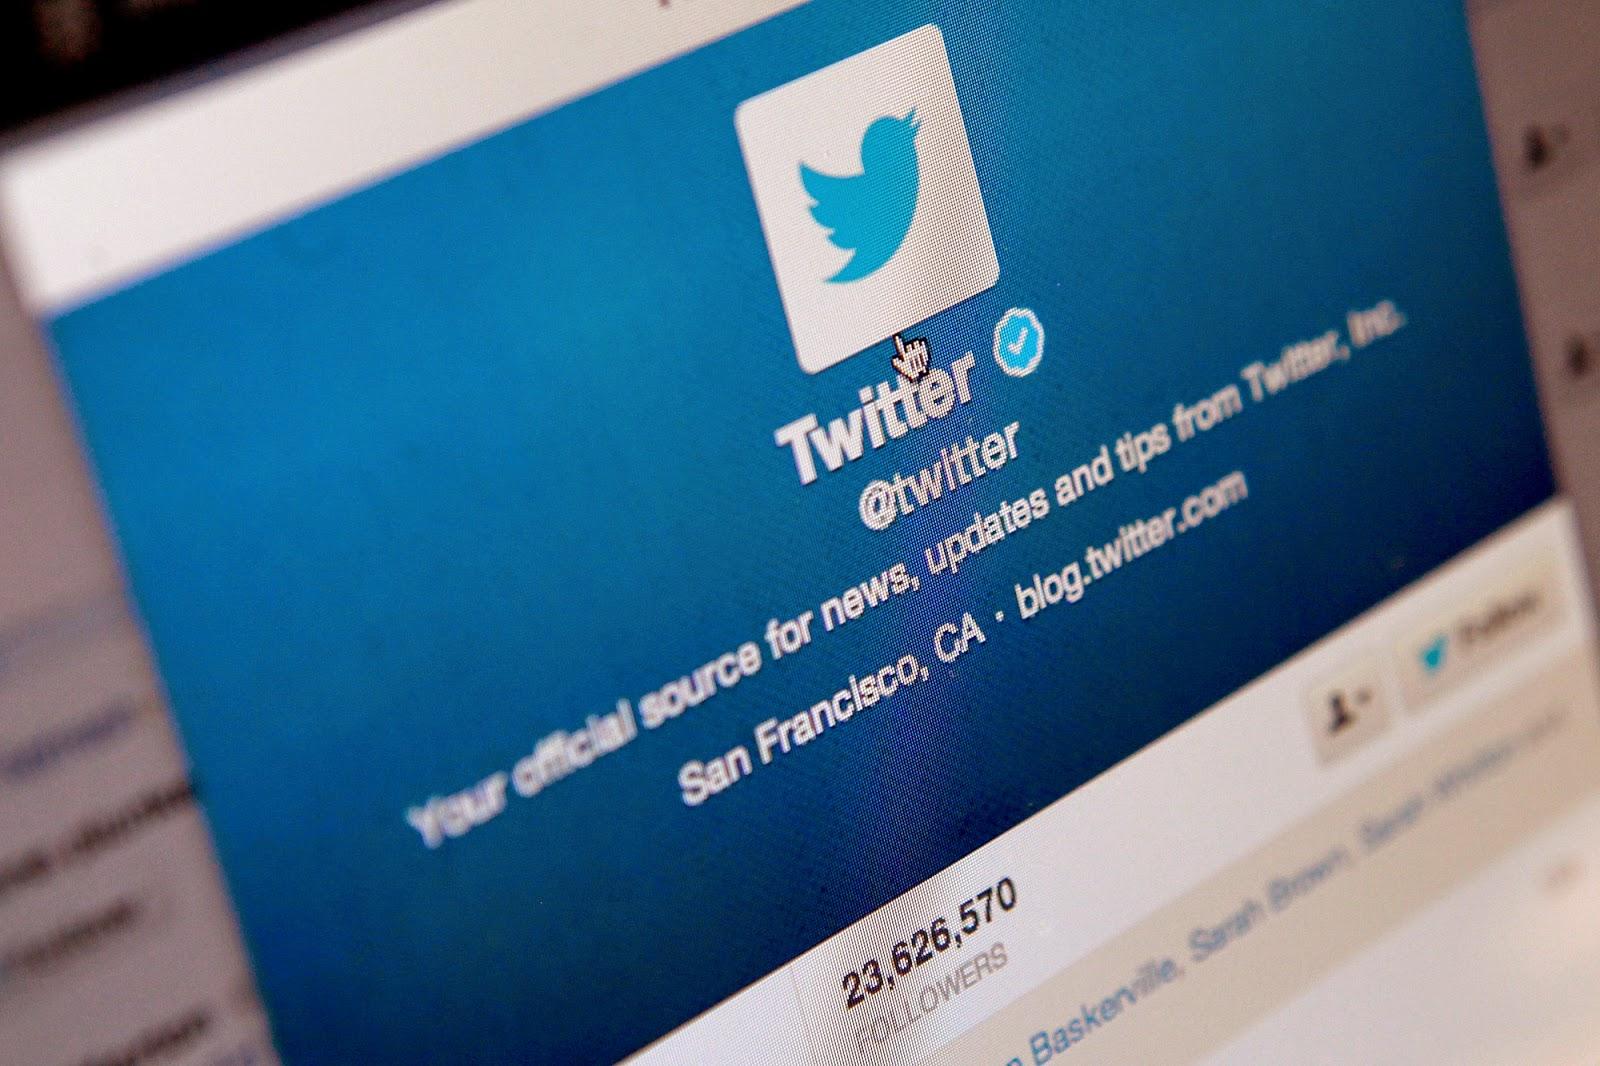 تويتر تختبر ميزة جديدة لإزالة الإساءات و المضايقات من حساب المستخدم